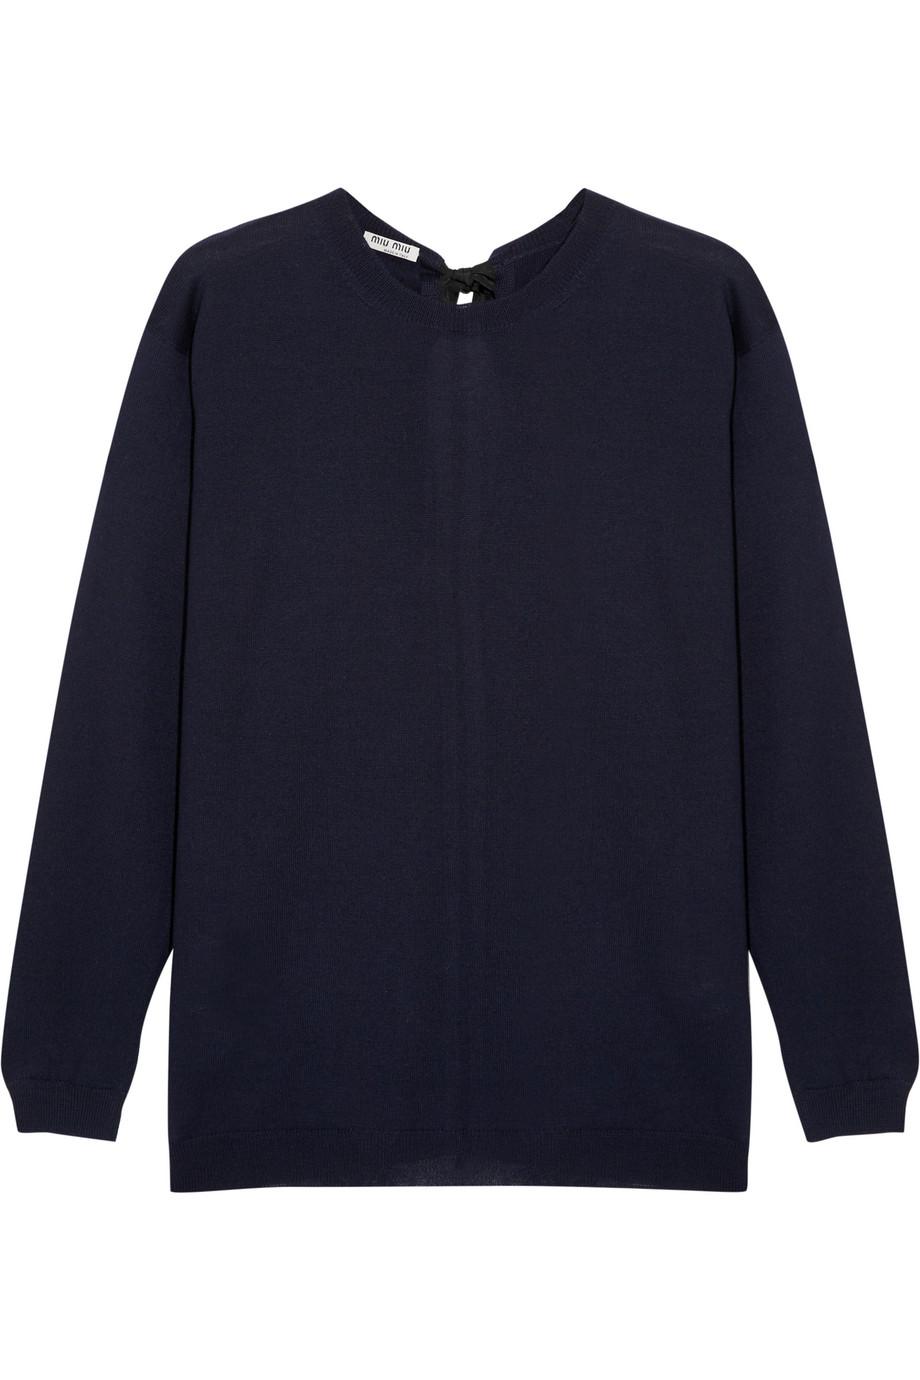 Miu Miu Split-Back Bow-Embellished Wool Sweater, Midnight Blue, Women's, Size: 38